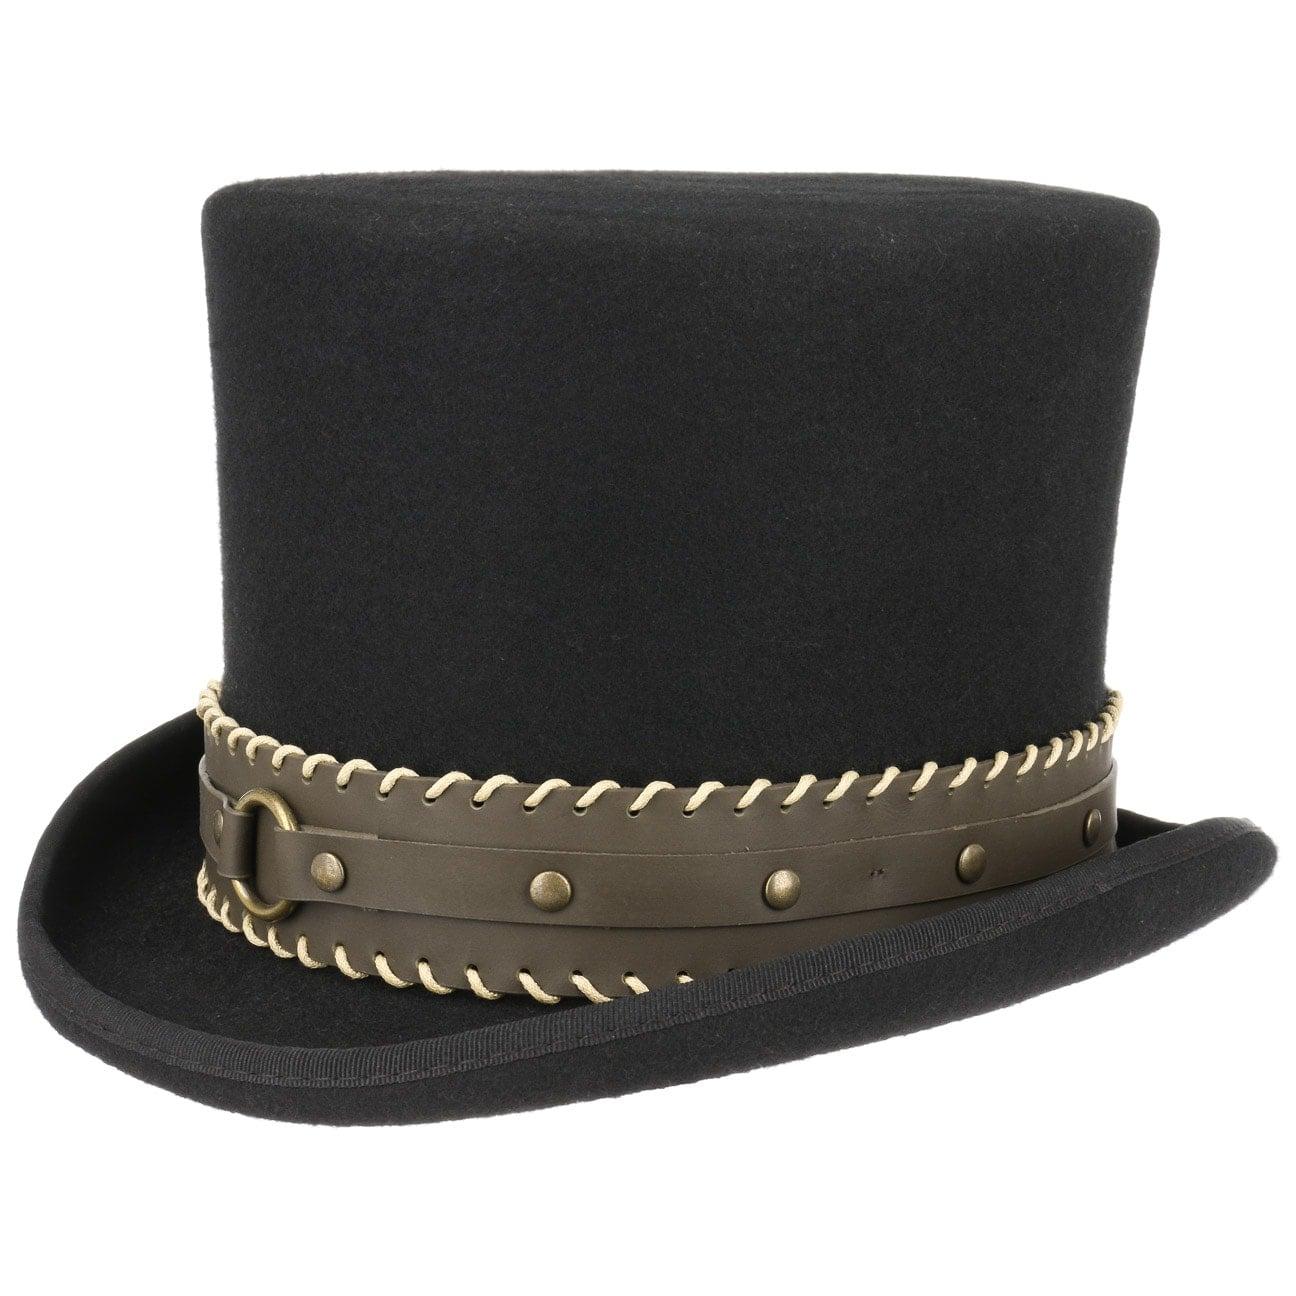 Haut-de-forme The Grinder Steampunk by Conner  chapeau en feutre de laine